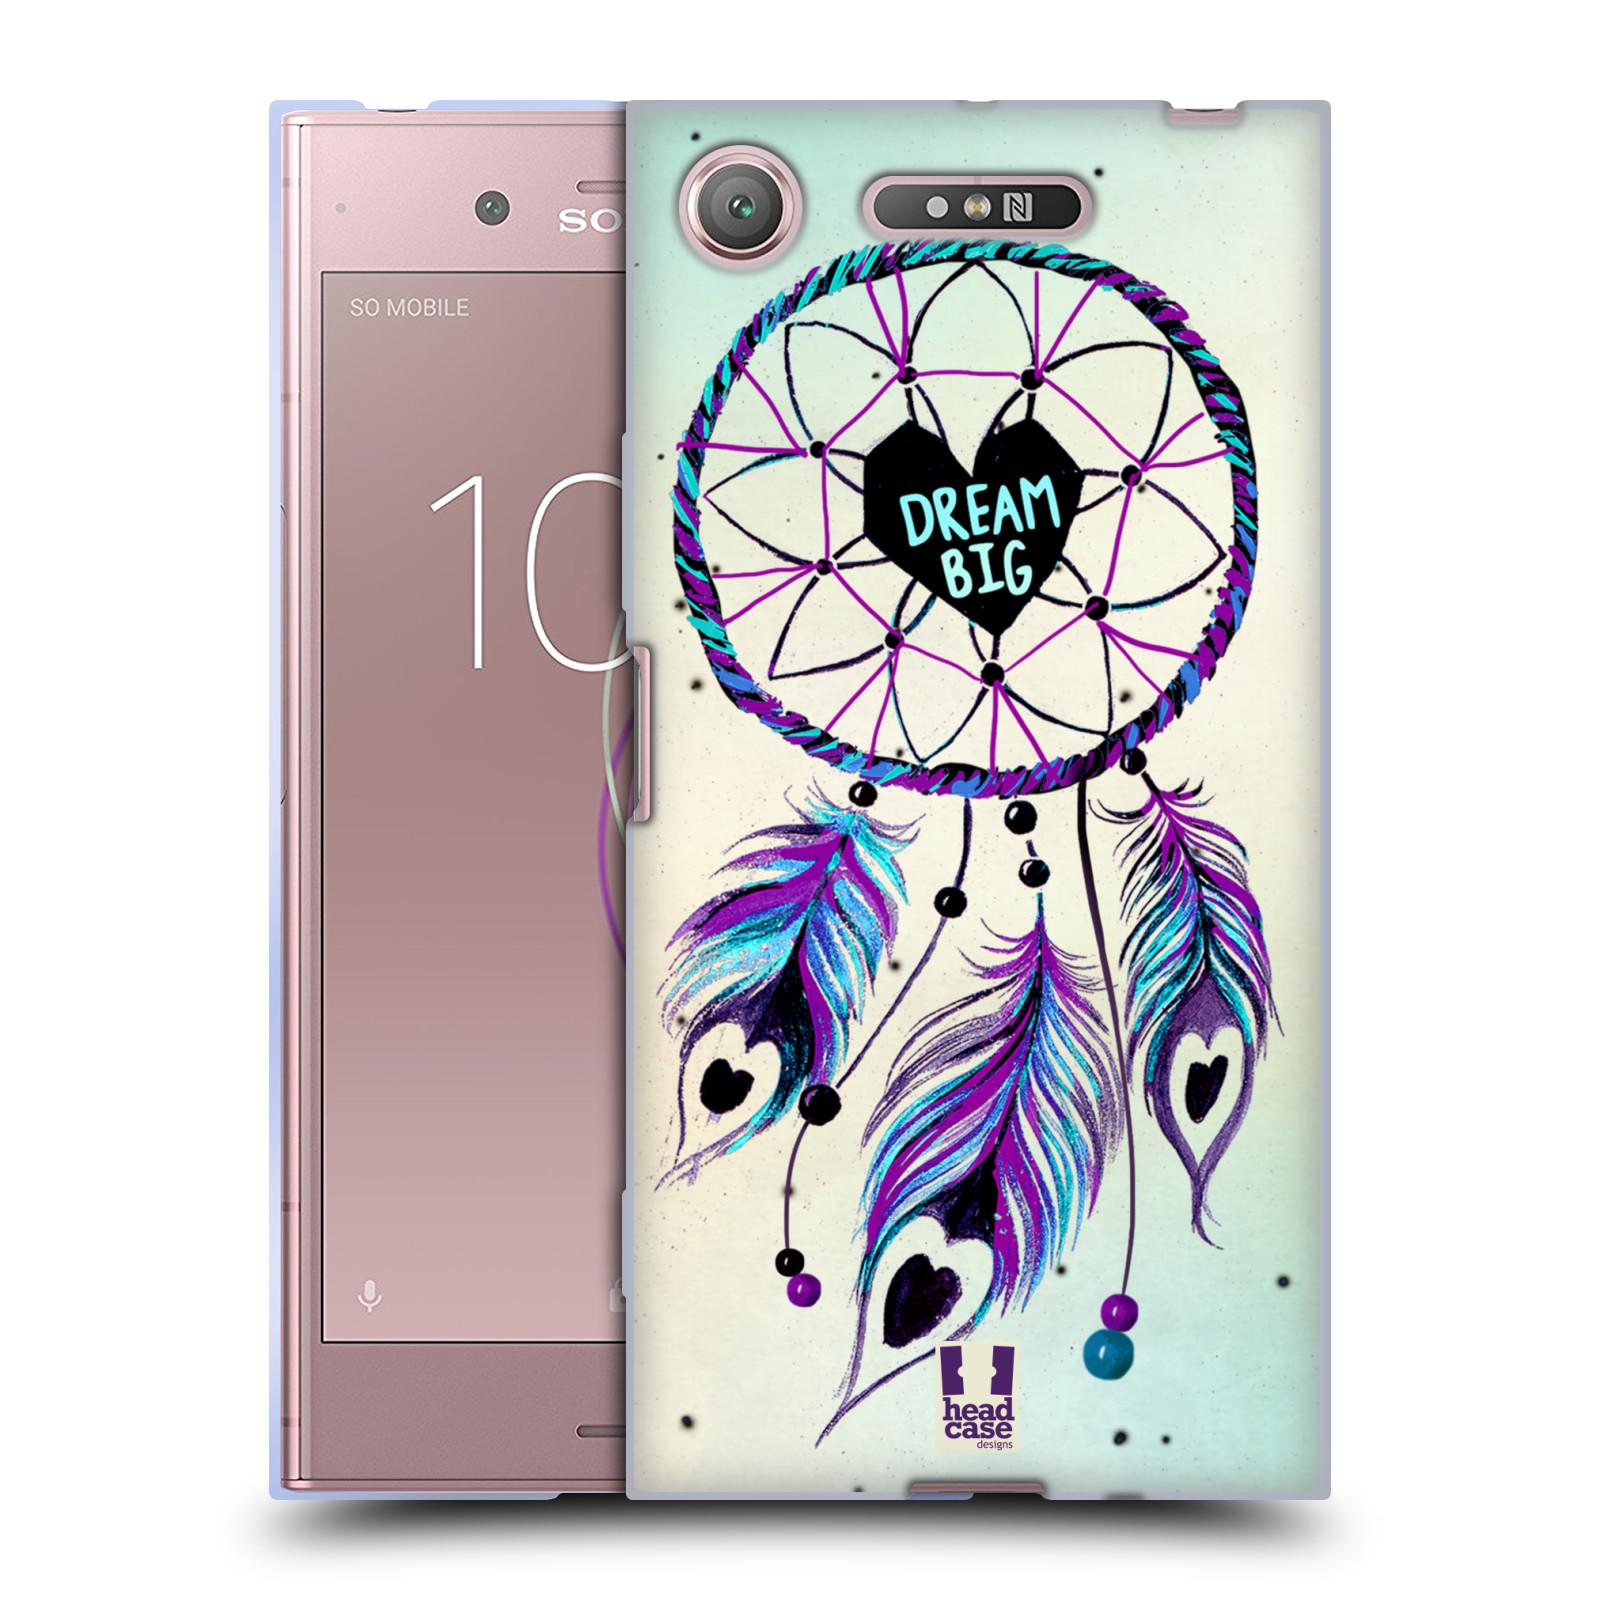 Silikonové pouzdro na mobil Sony Xperia XZ1 - Head Case - Lapač Assorted Dream Big Srdce